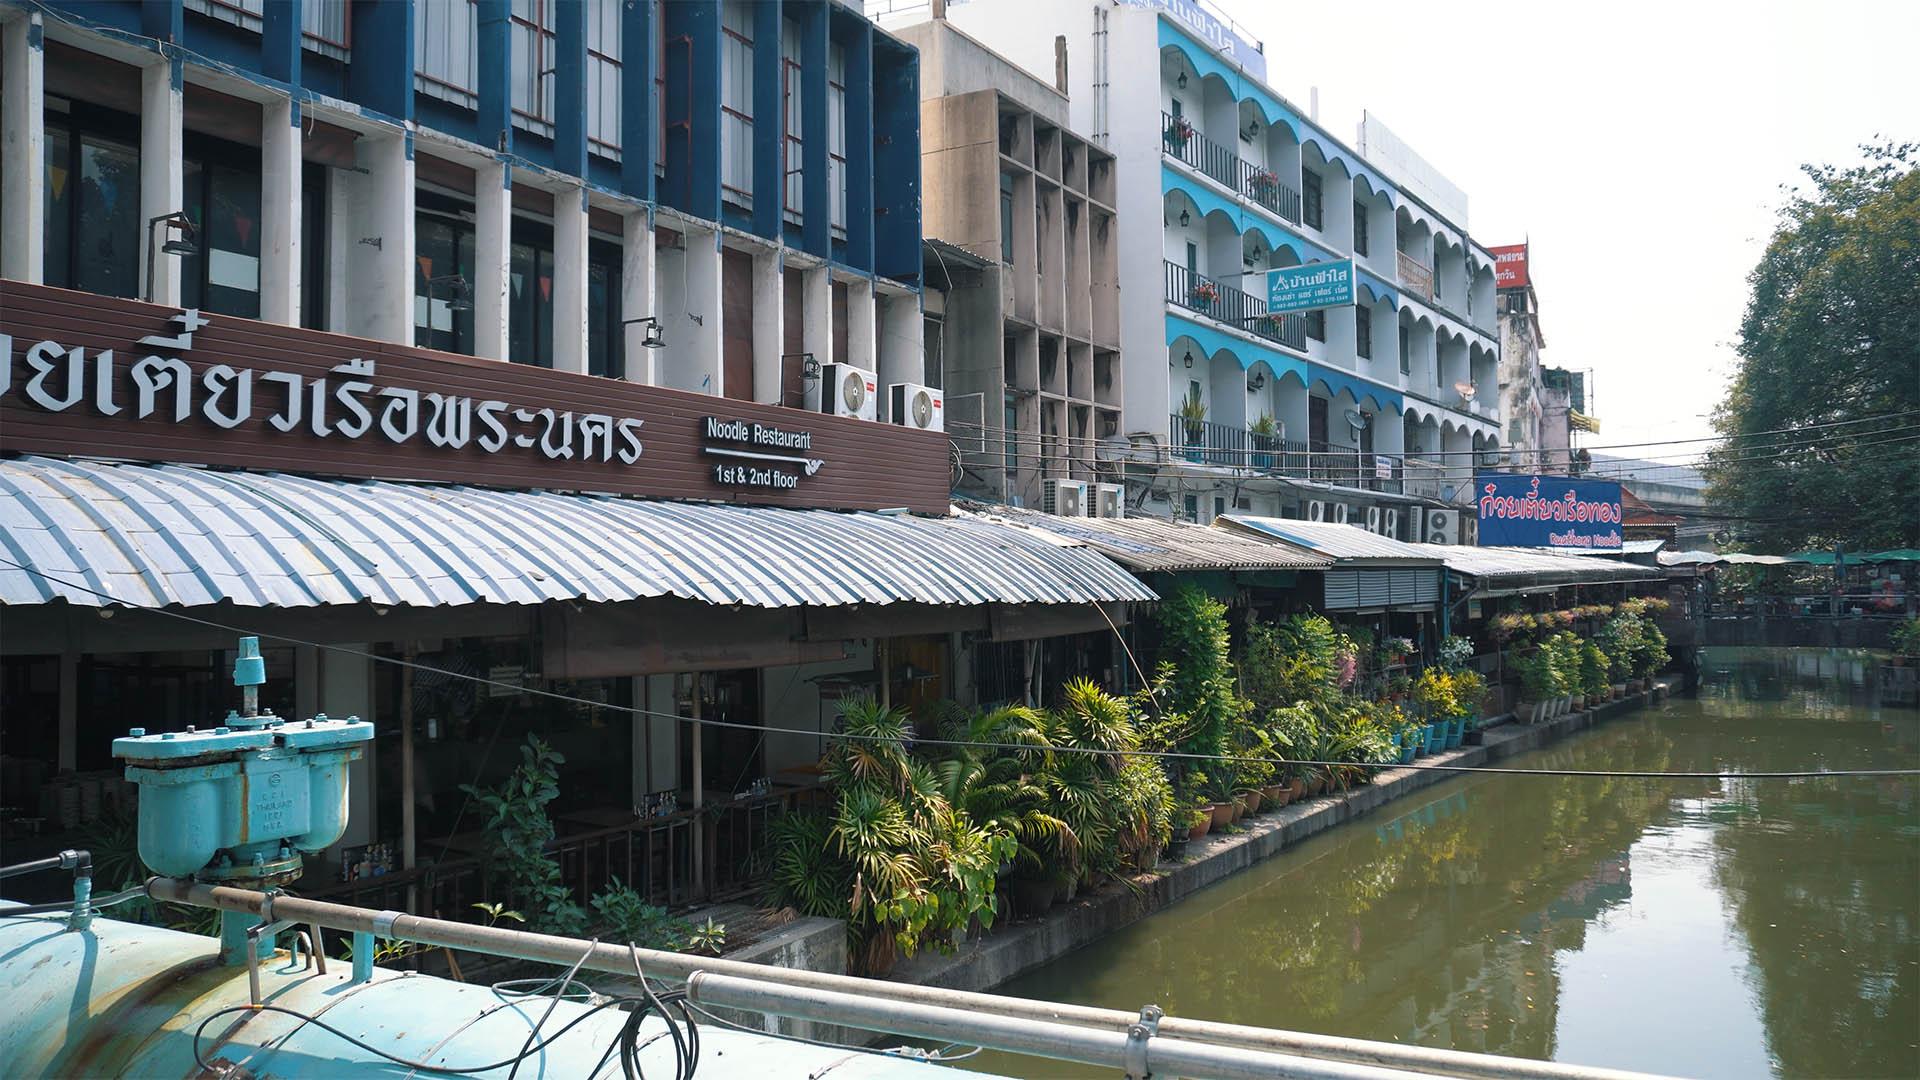 Boat Noodle Alley in Bangkok